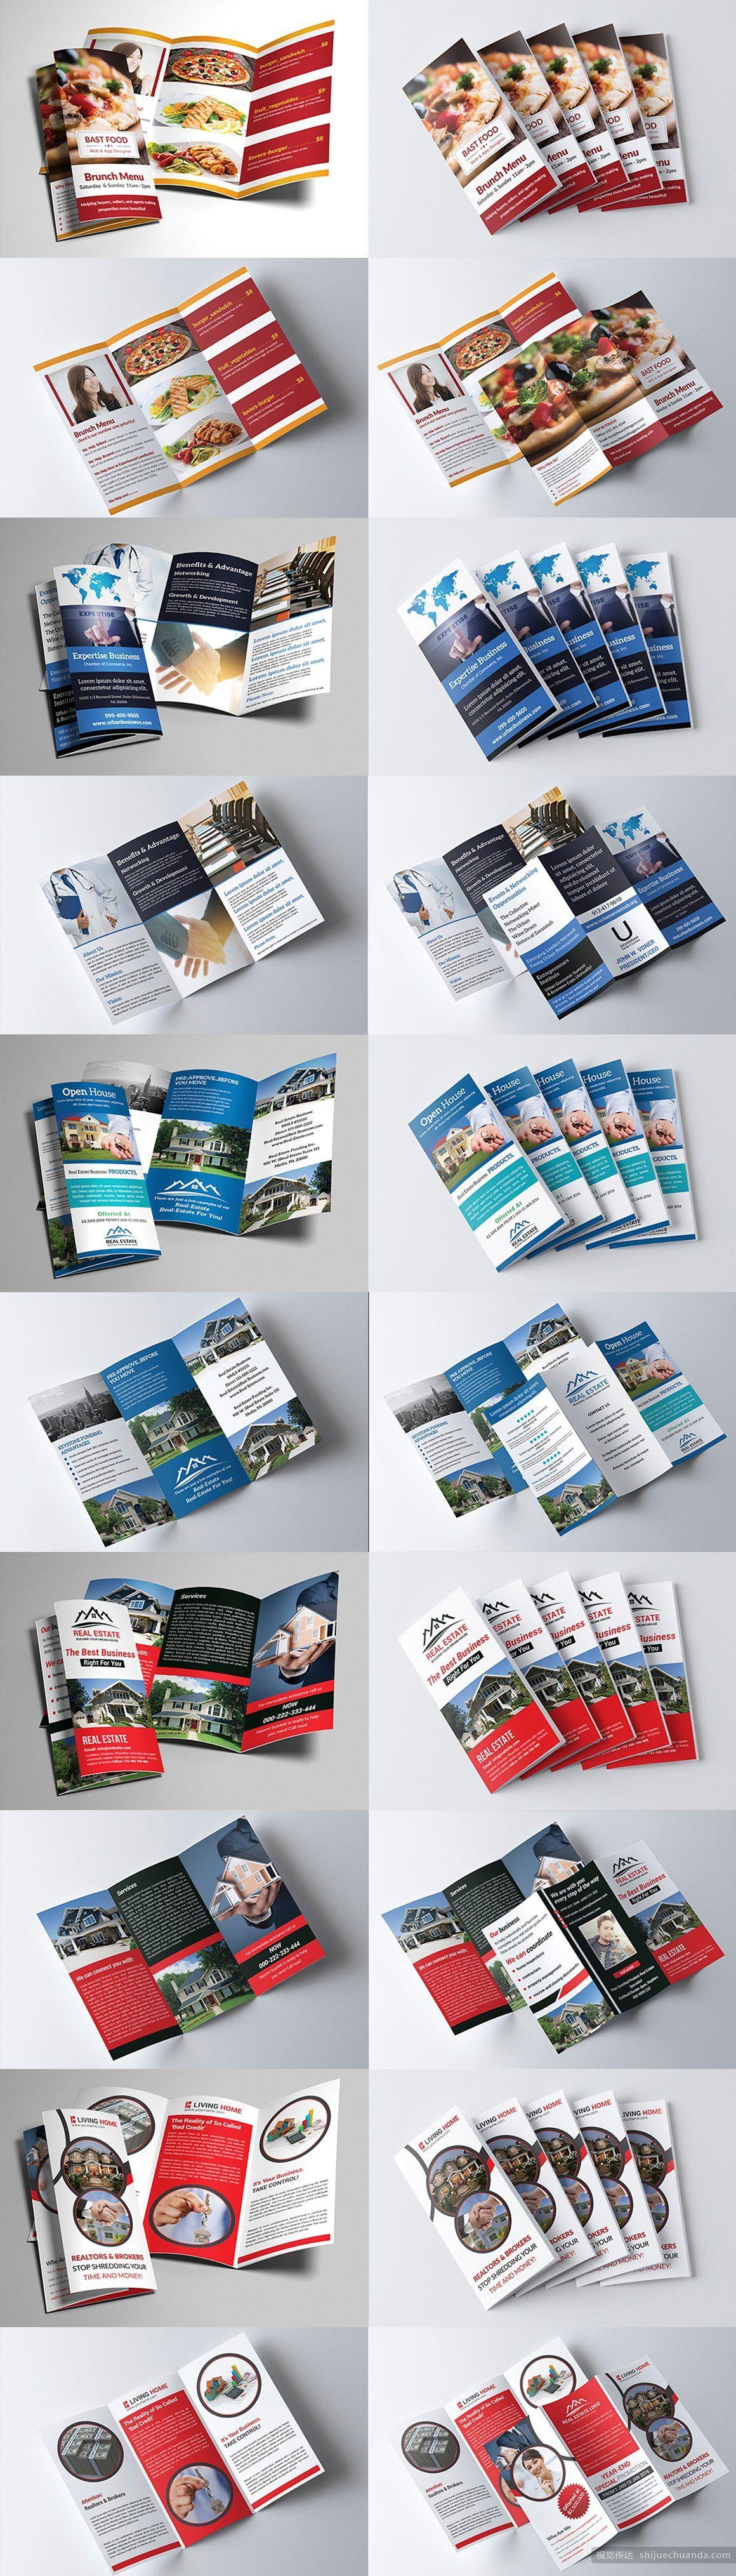 宣传册食谱信封传单三折页名片模板包